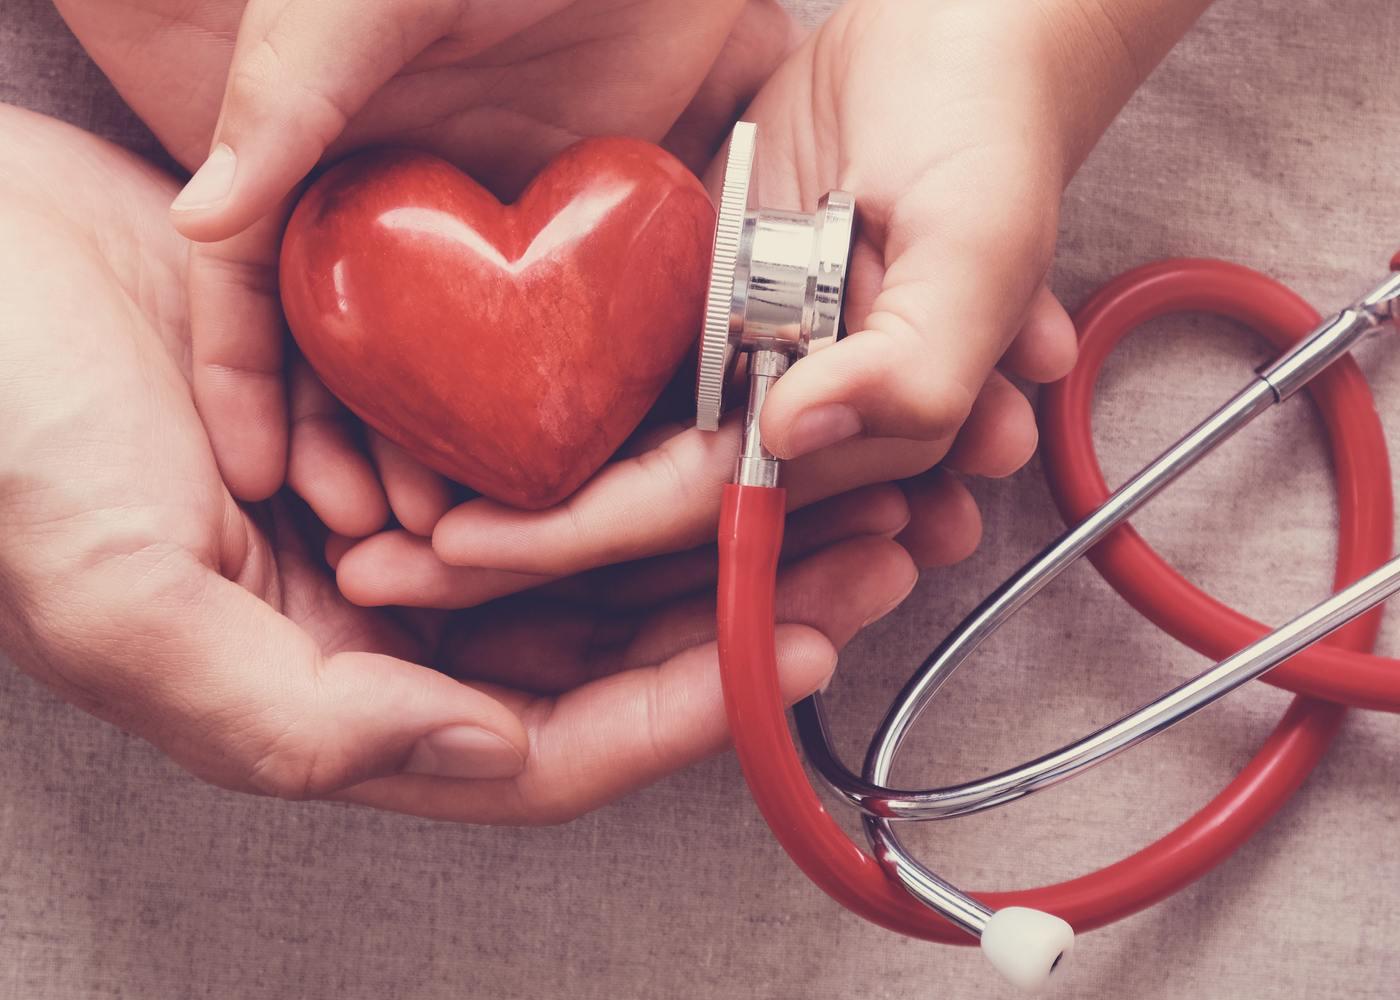 seguro de saúde multicare